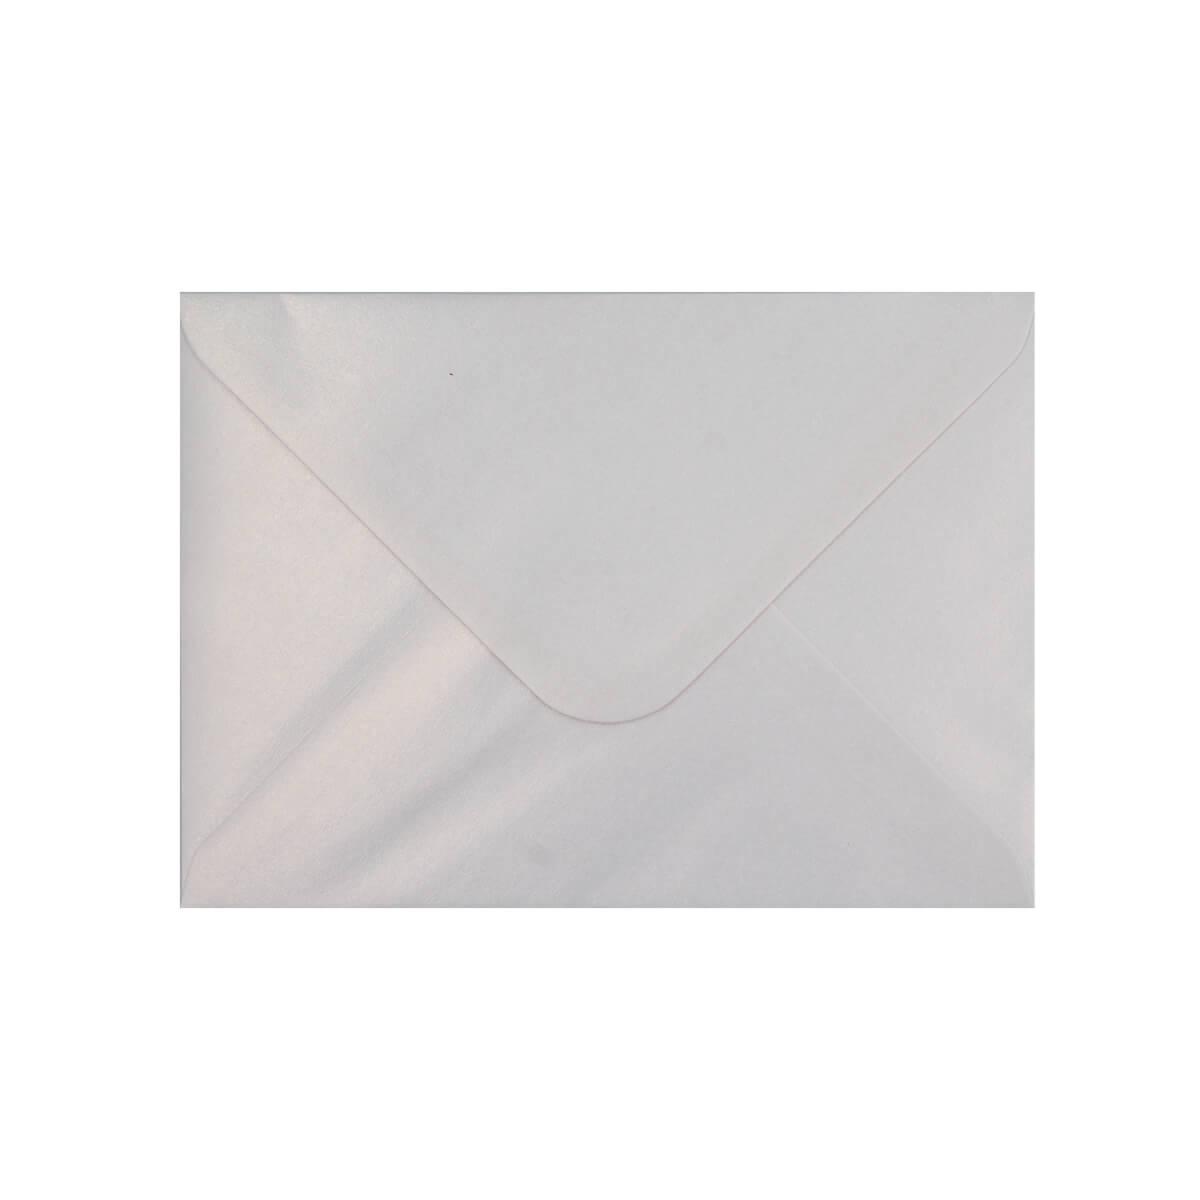 PEARLESCENT SNOW WHITE 133 x 184mm ENVELOPES (i8)